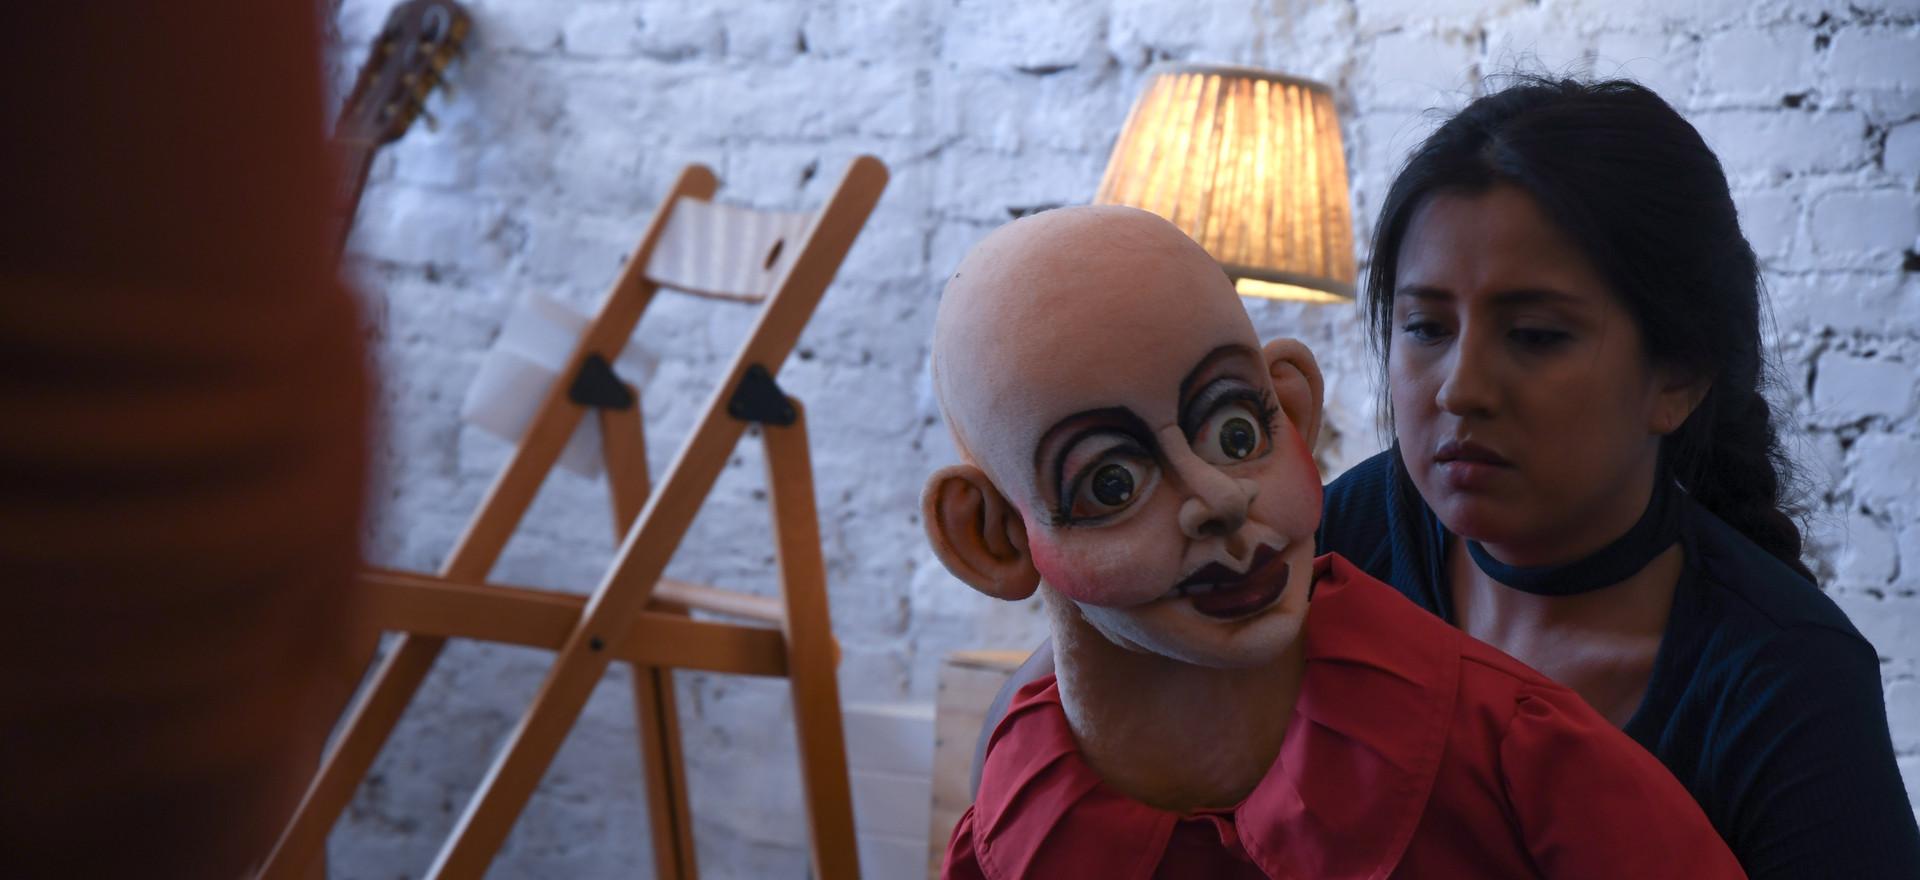 De theatergroep 'Teatro Caminante' uit Ecuador